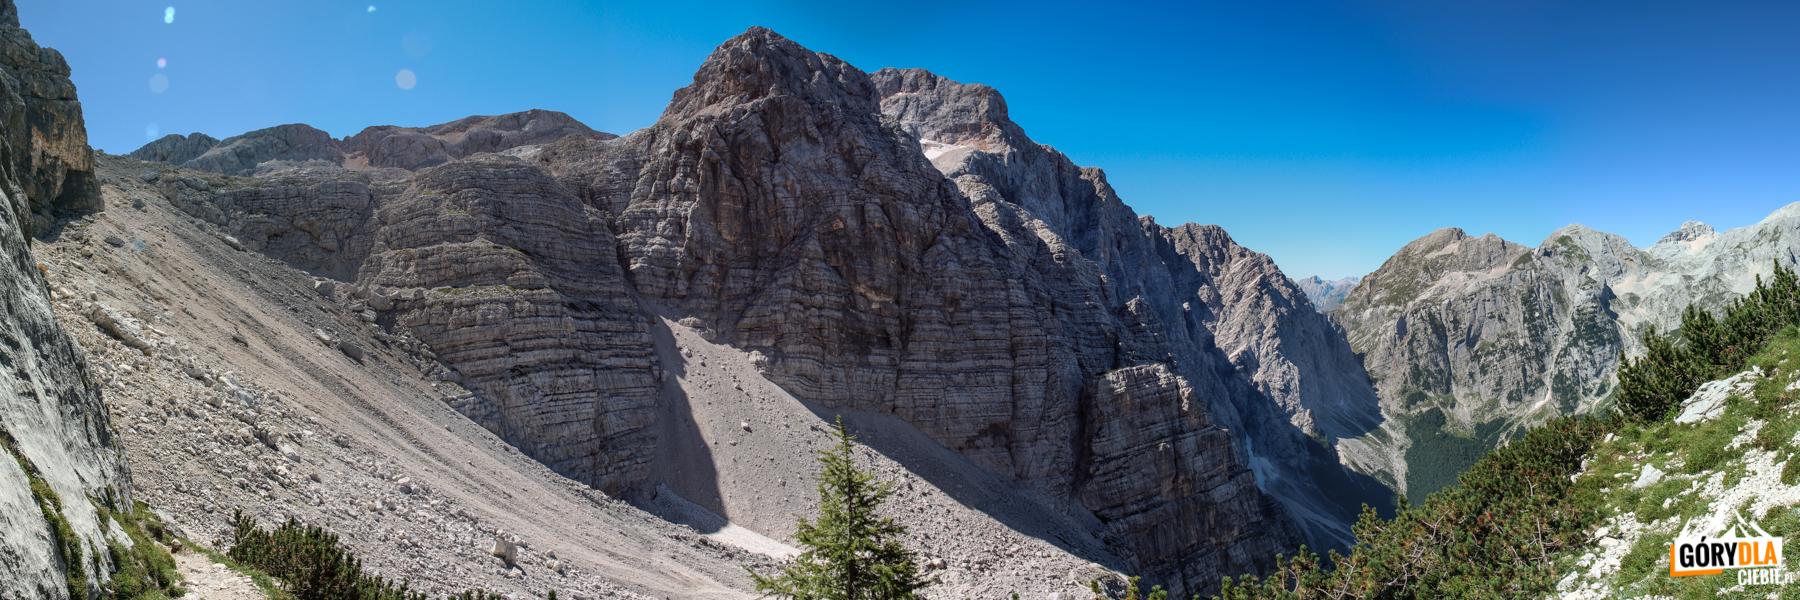 Koniec wspinaczki ferratą, wchodzimy napiargi podBegunjski vrh (2461 m)